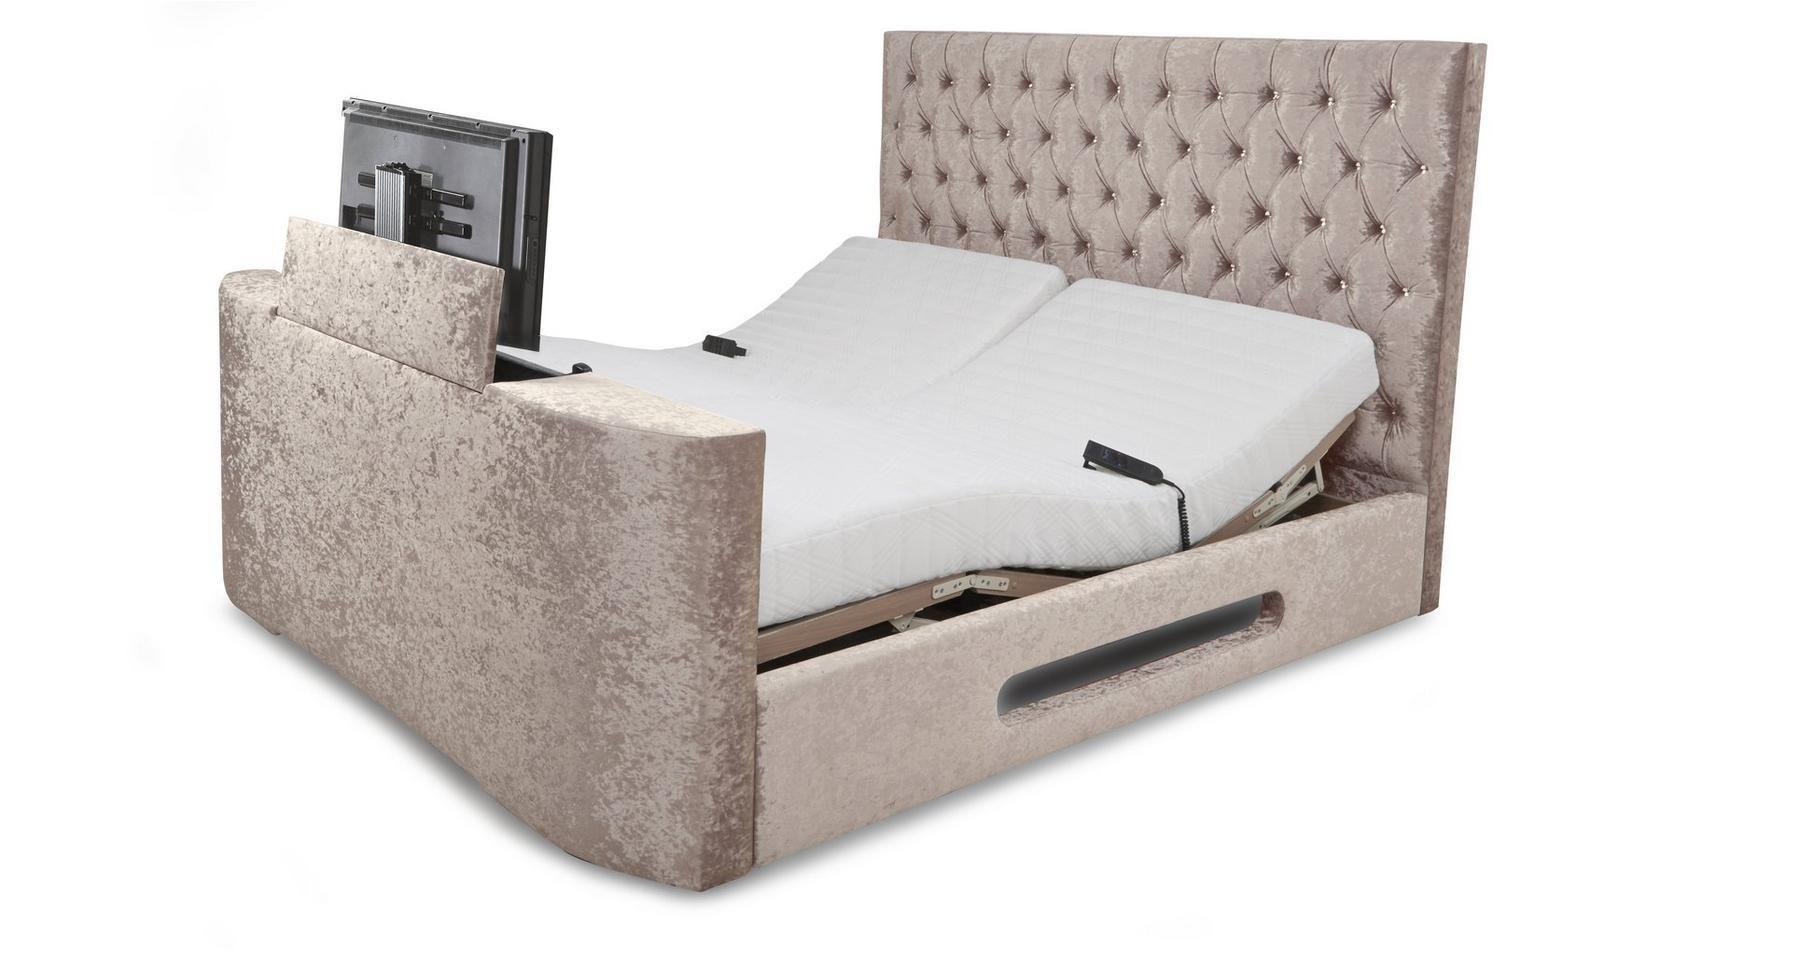 Impulse Super King Size (6 ft) Adjustable TV Bed & Mattress | DFS ...